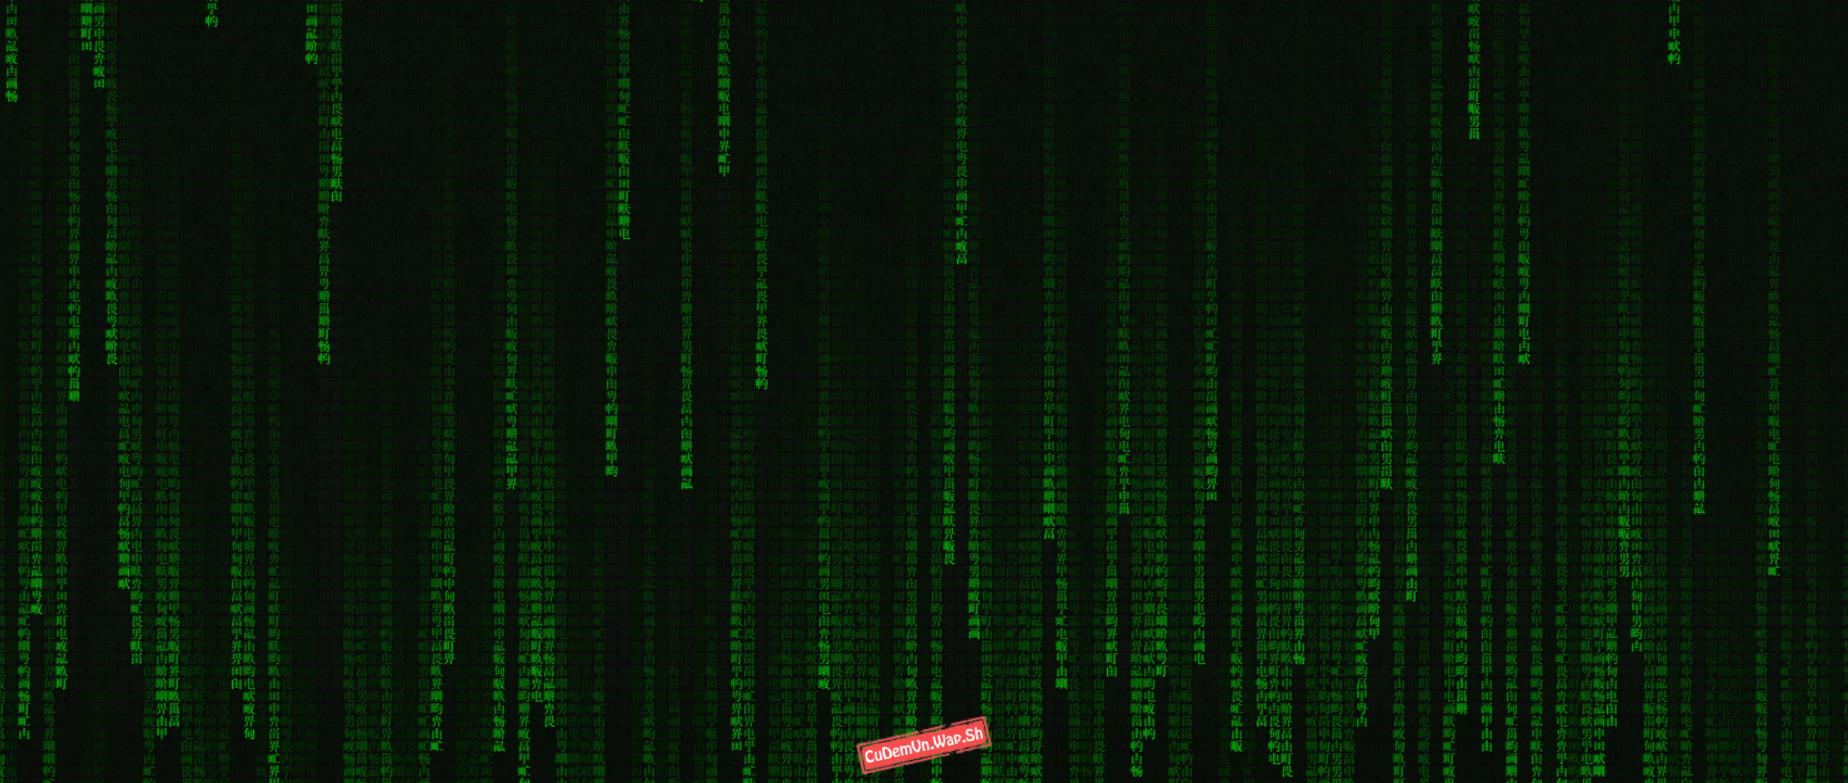 Share code Index hacker dạng Ma trận (matrix) rất đẹp bằng HTML5